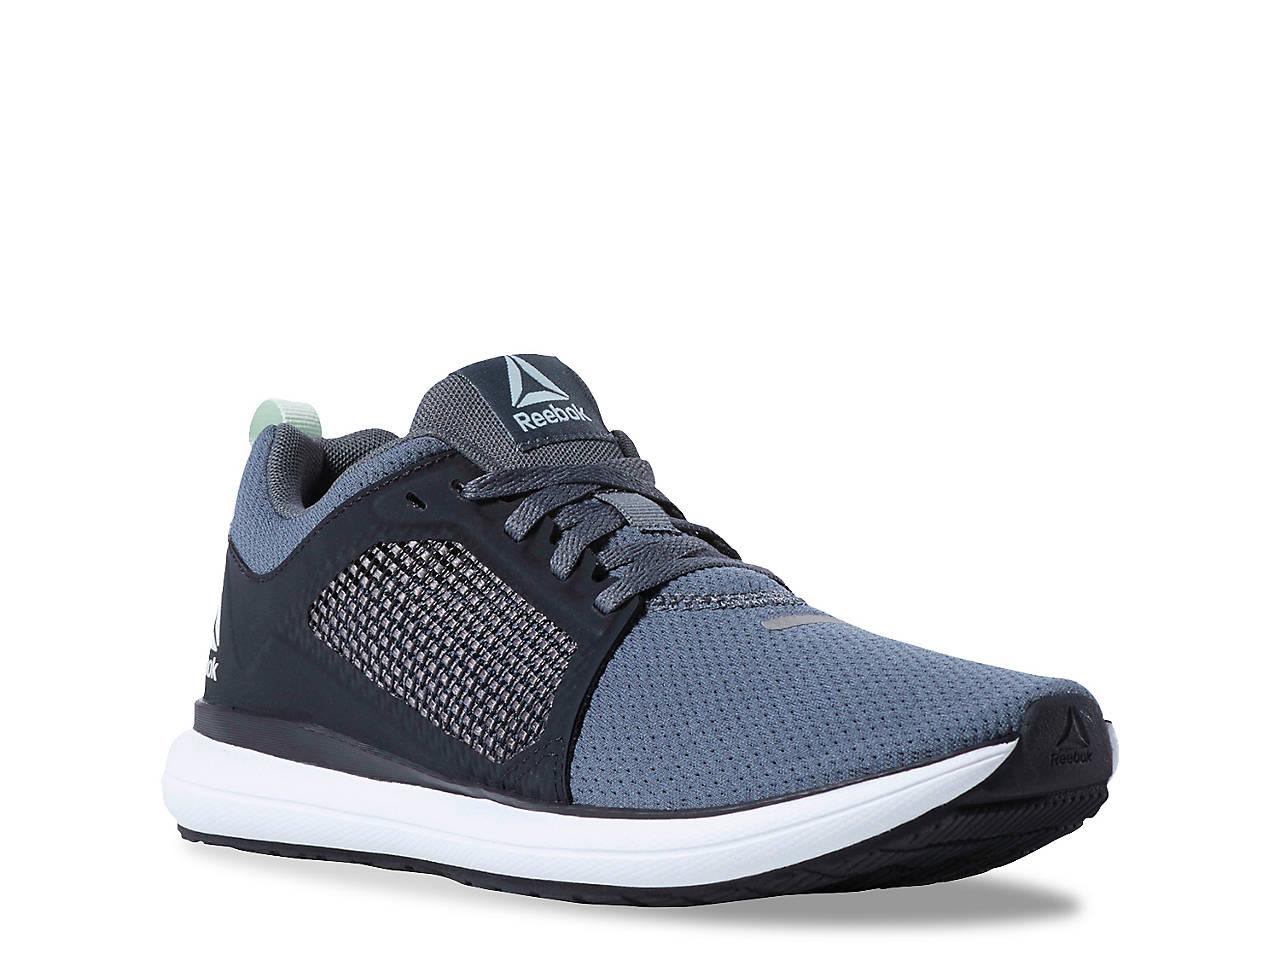 Reebok Driftium Ride Running Shoe - Women s Women s Shoes  7872be2b8